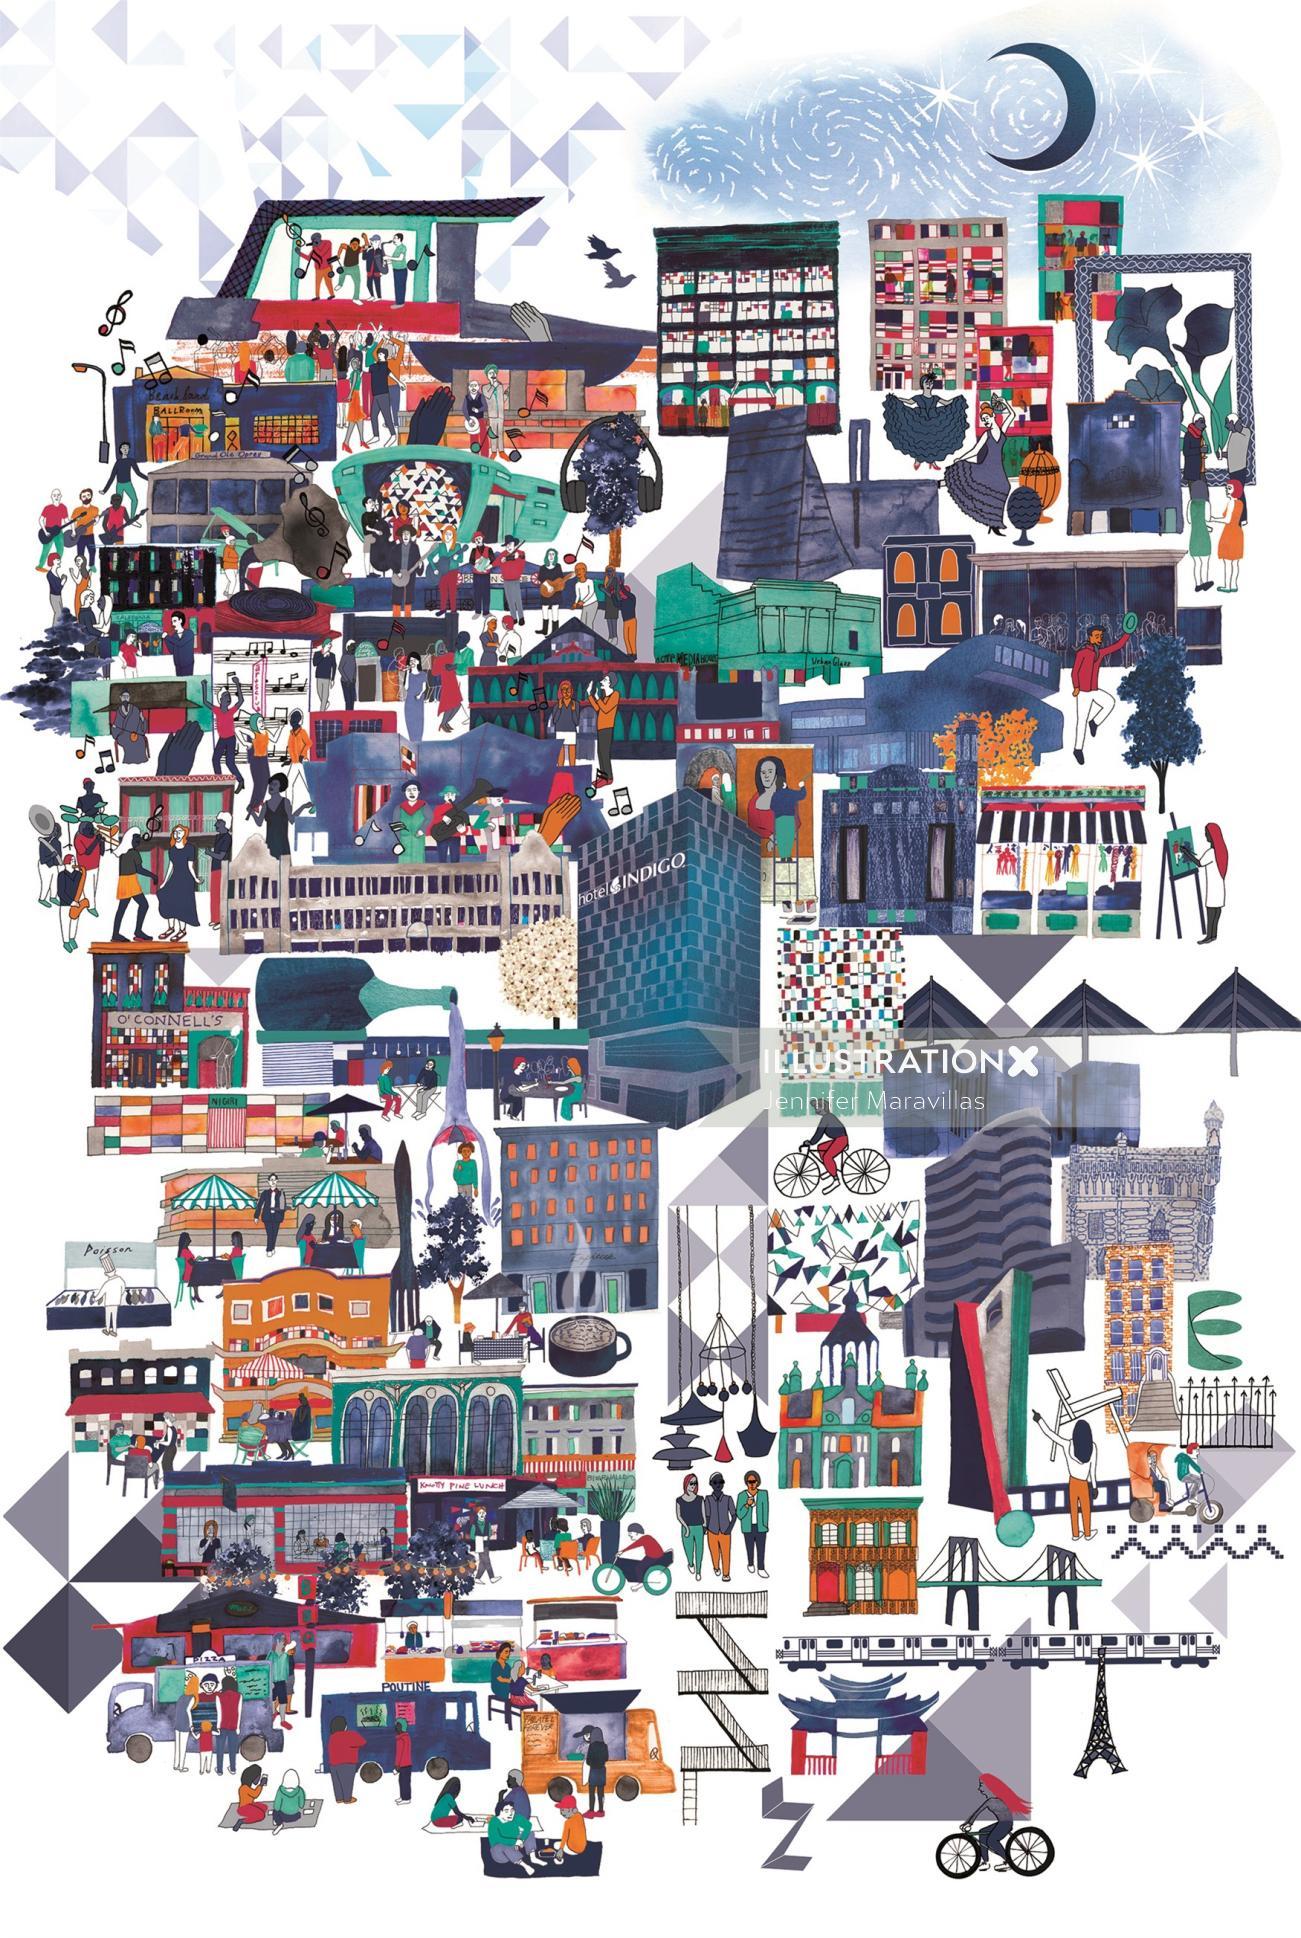 Branding Poster Design For Hotel Indigo